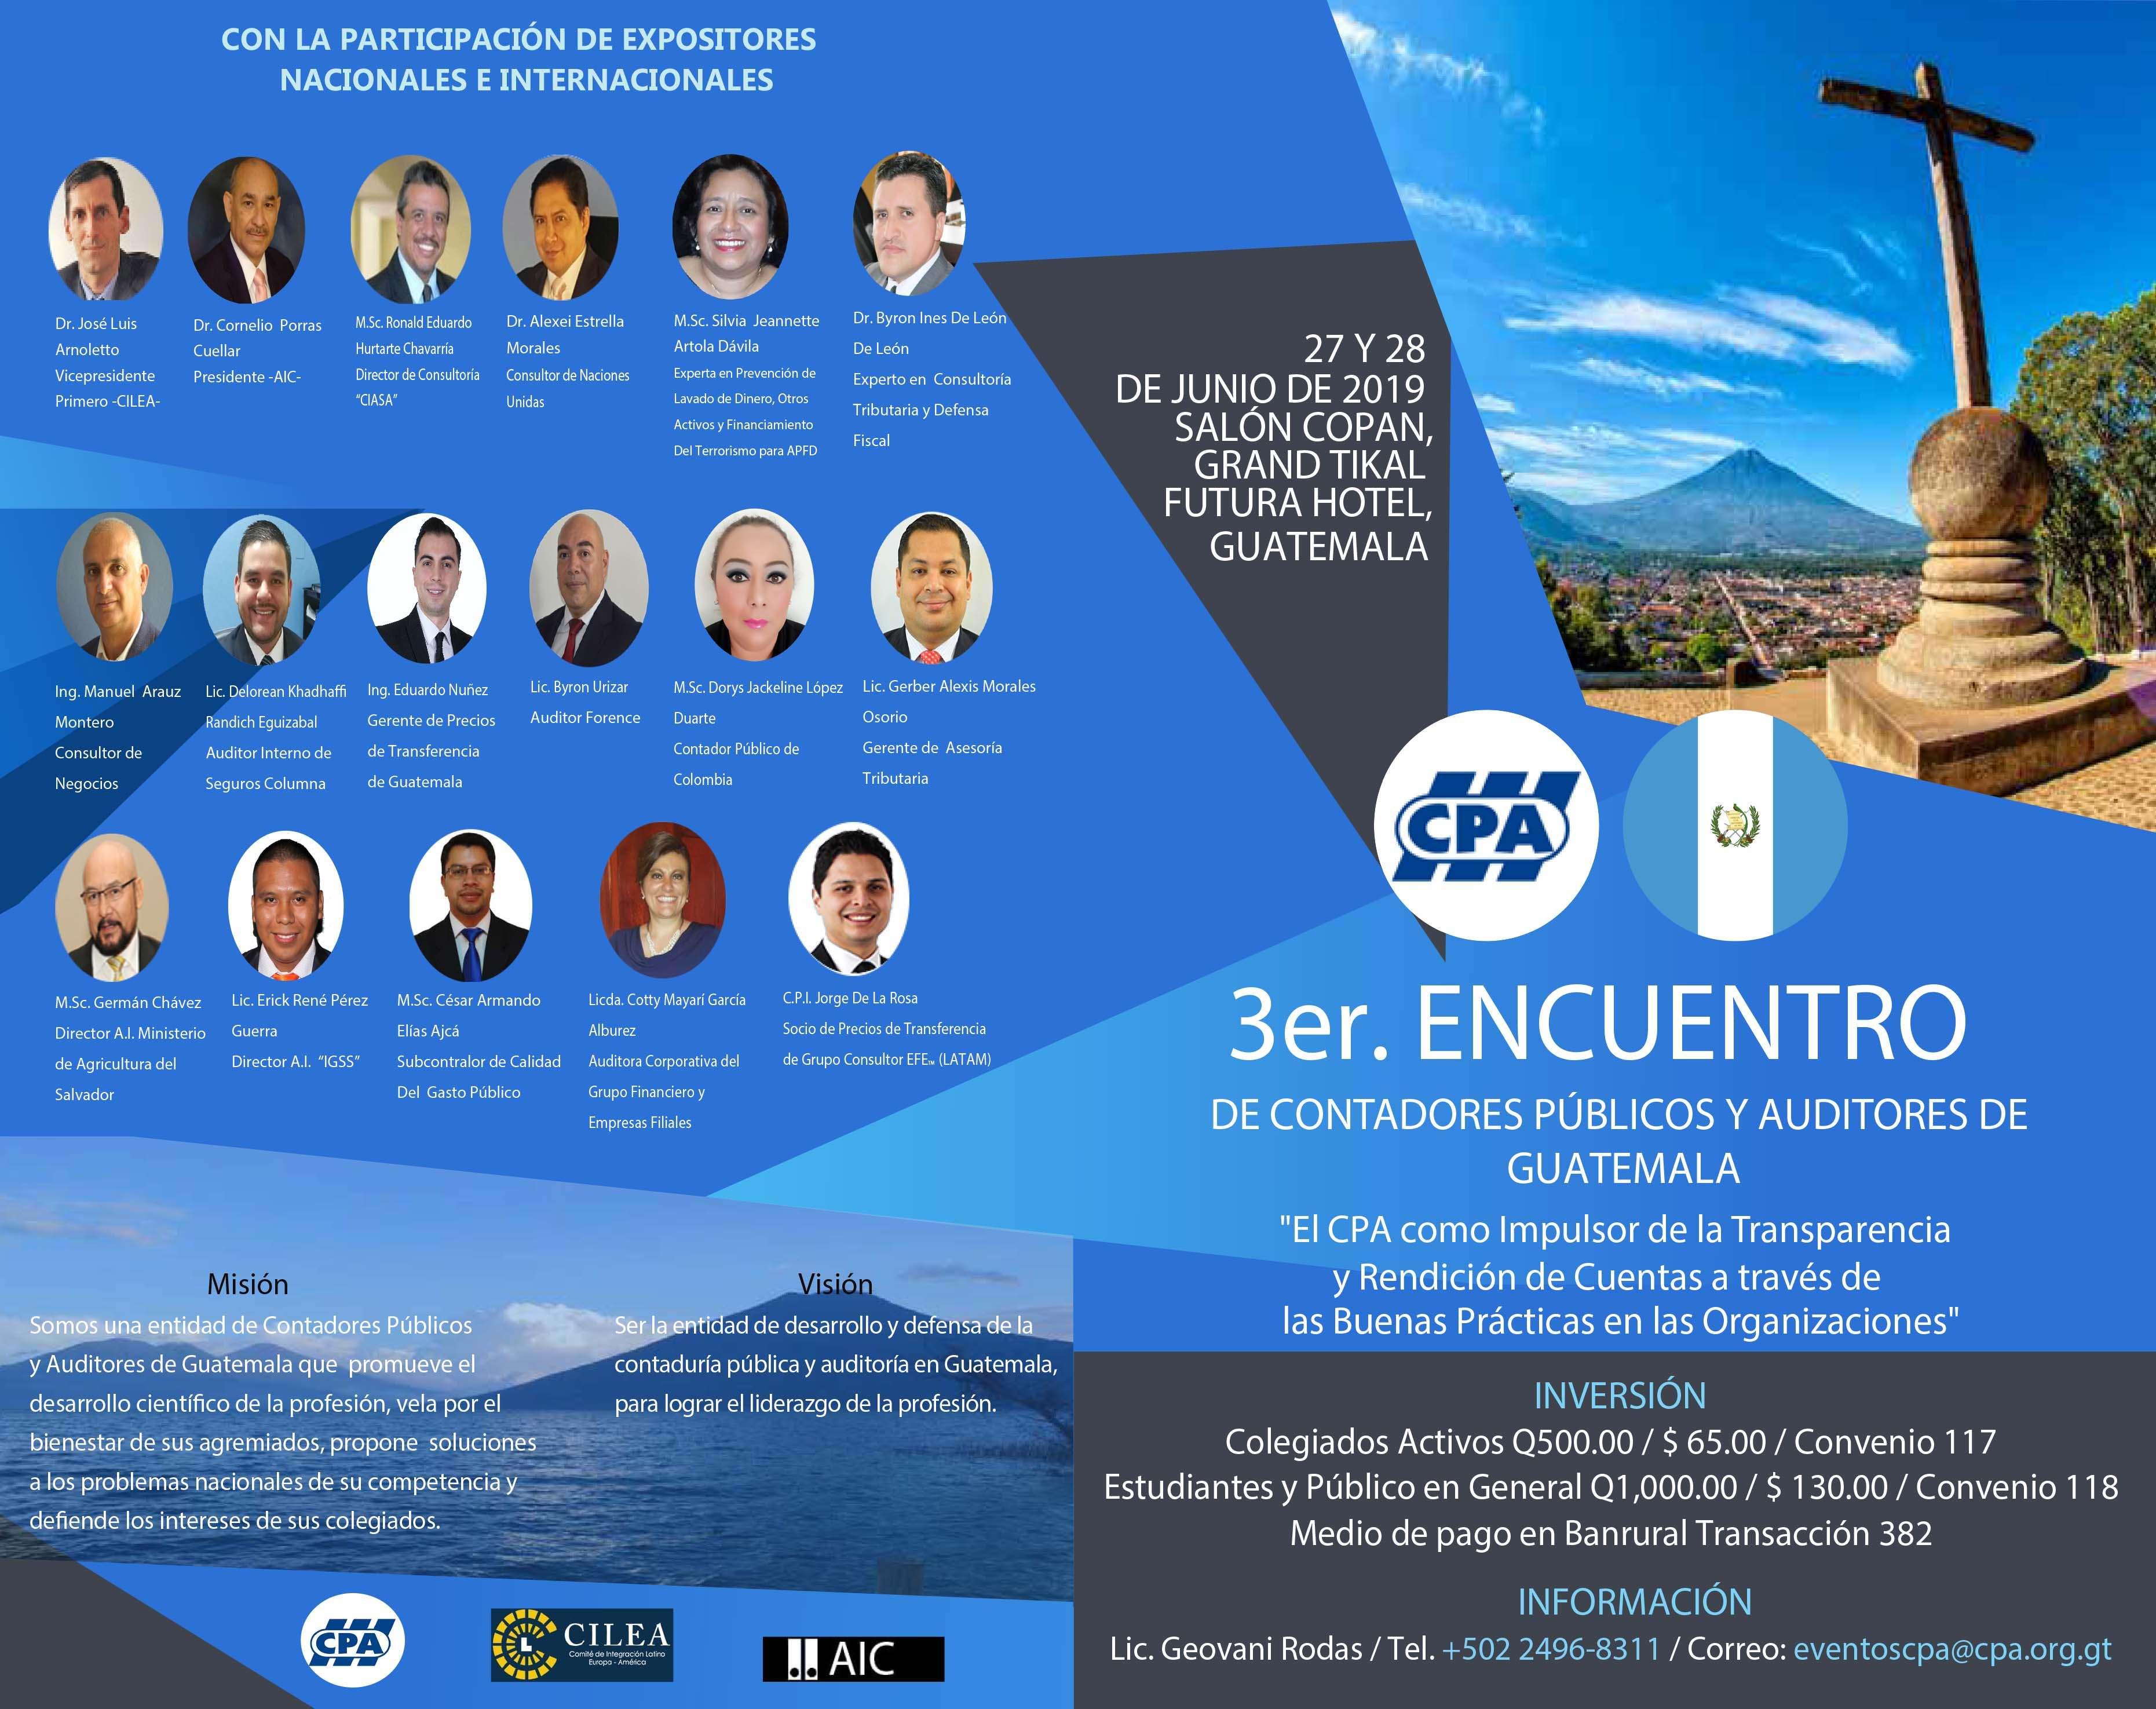 3er Encuentro de Contadores Públicos y Auditores